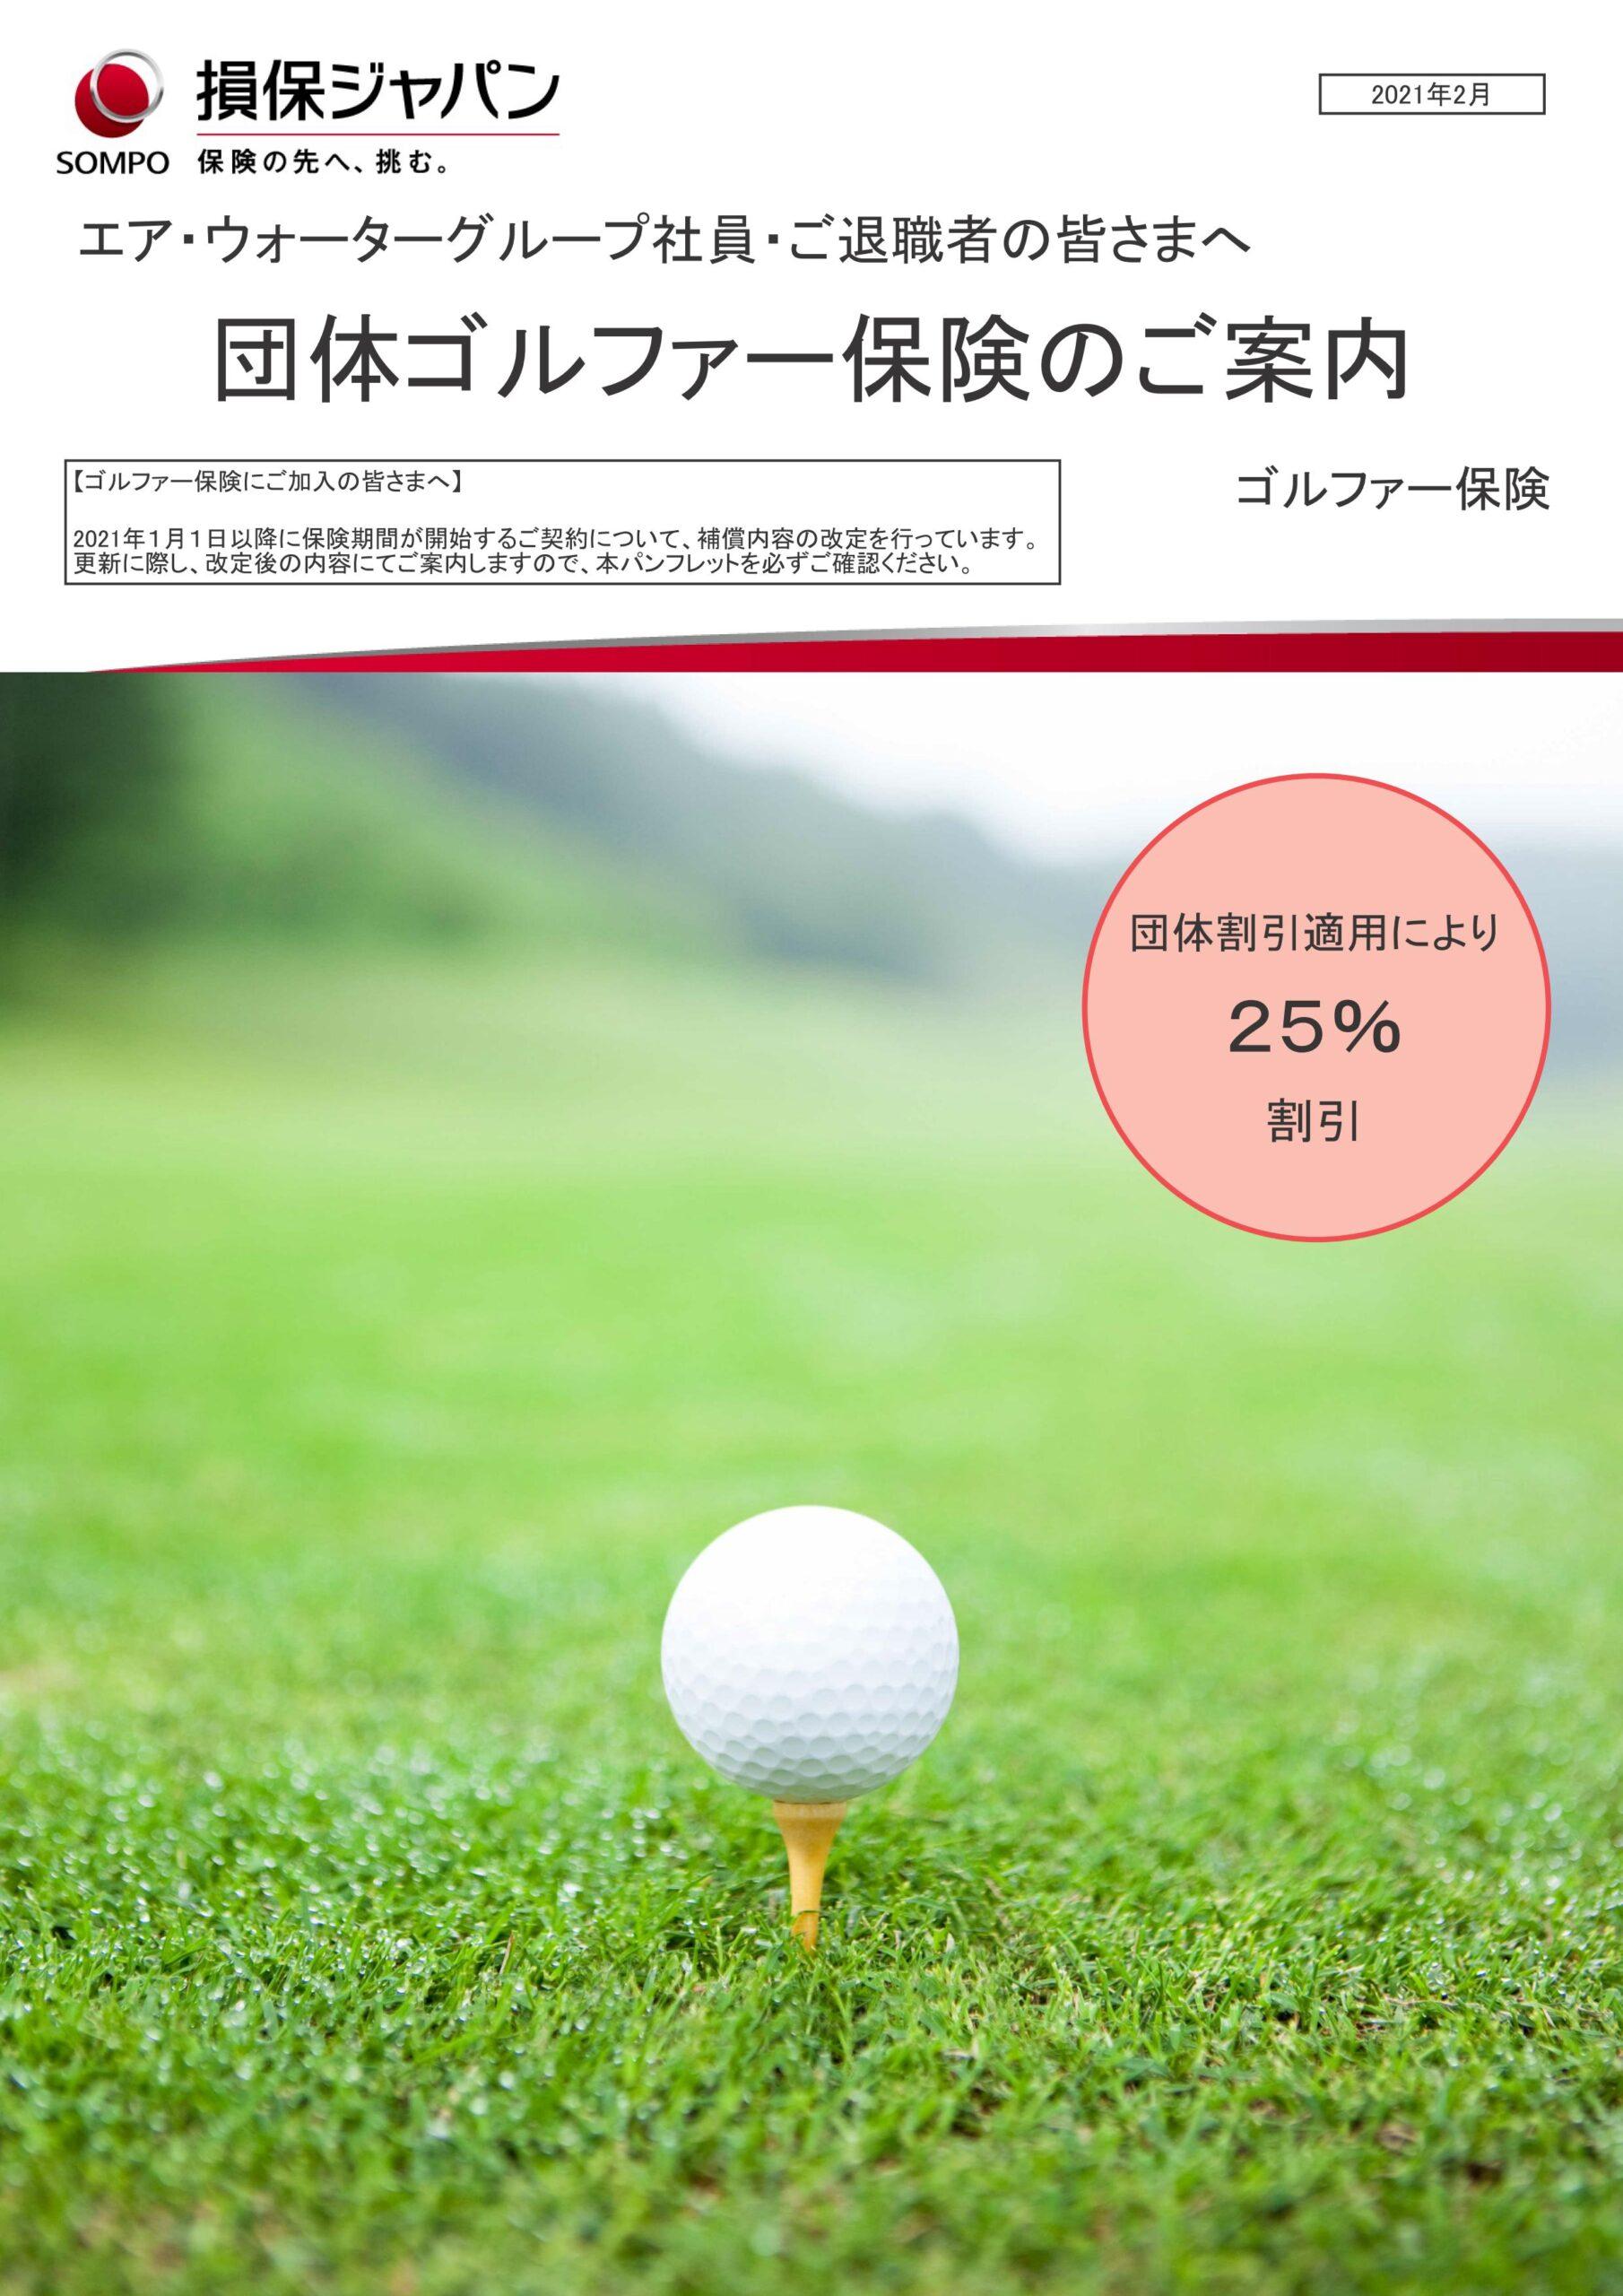 団体ゴルファー保険のご案内